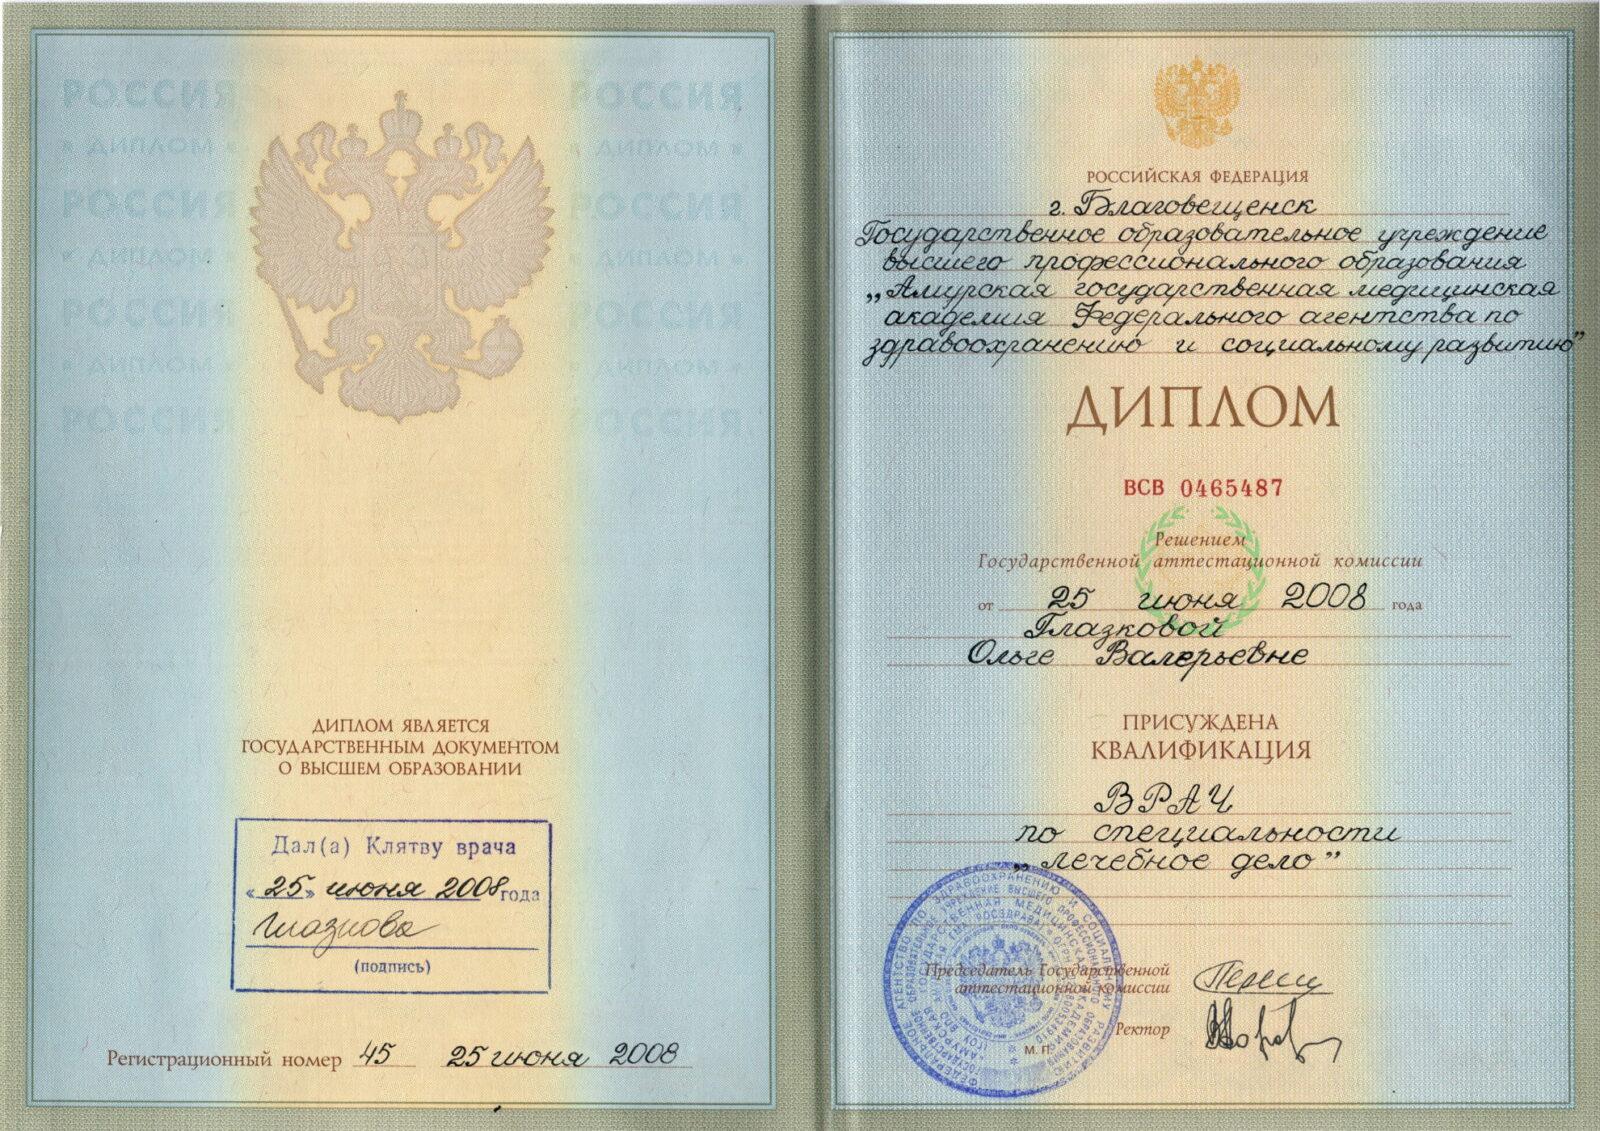 2008.06.25 Диплом